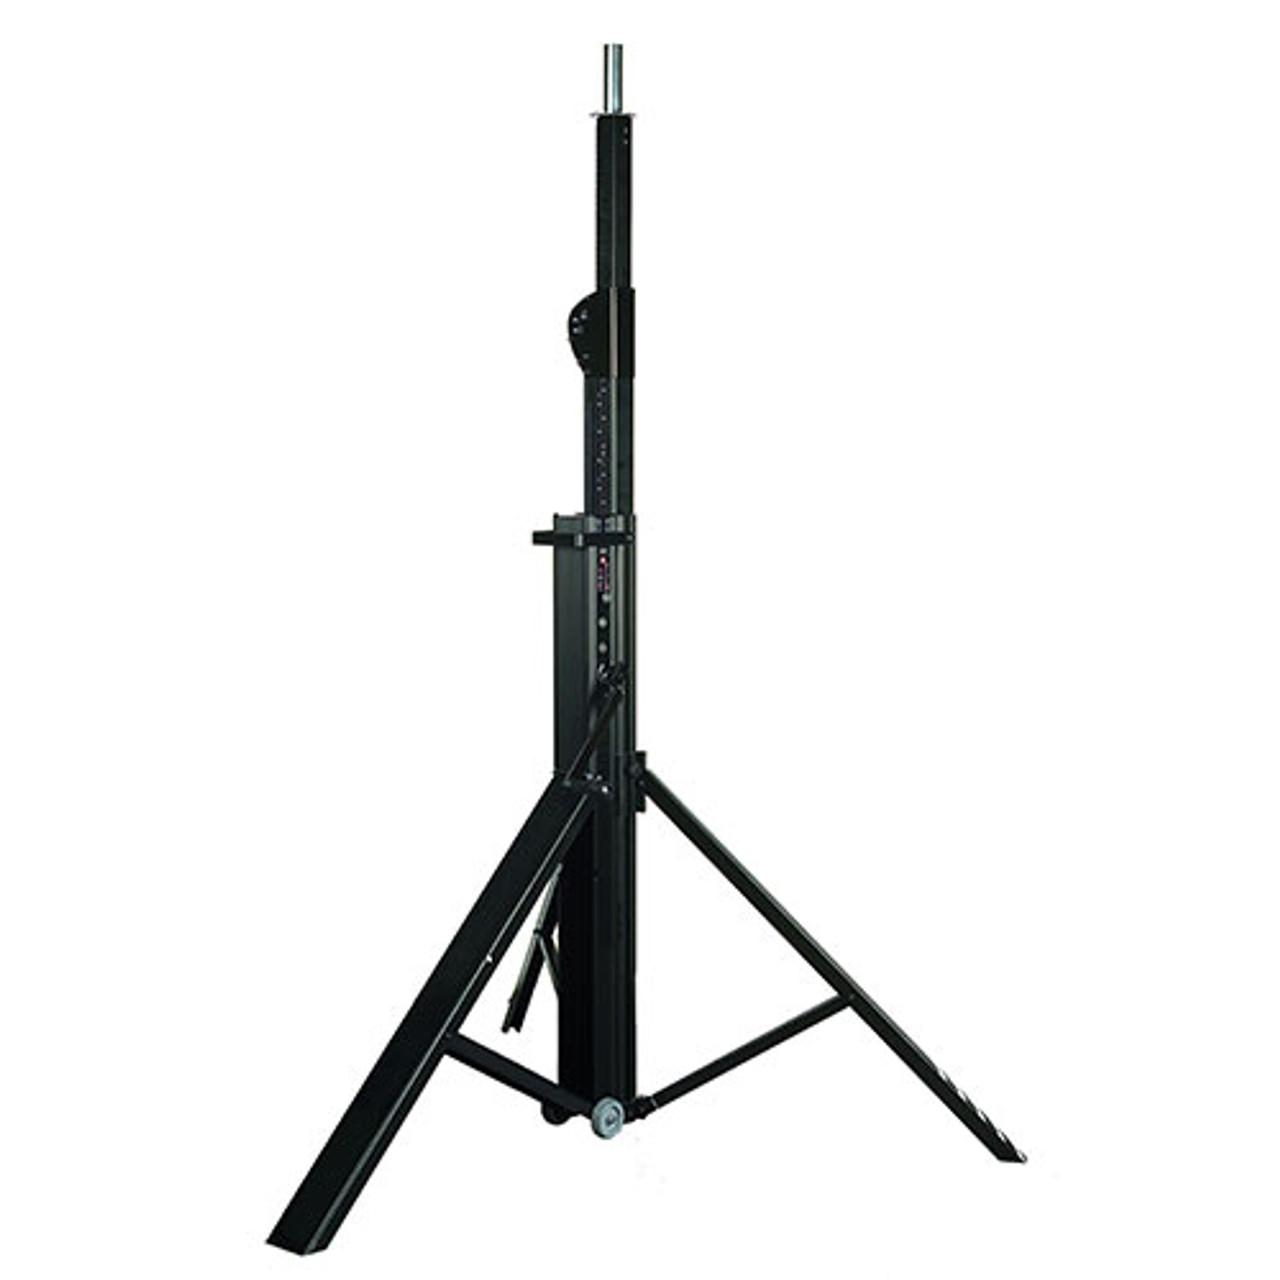 Global Truss DT-PRO4000 13ft. Crank Stand DT-PRO4000